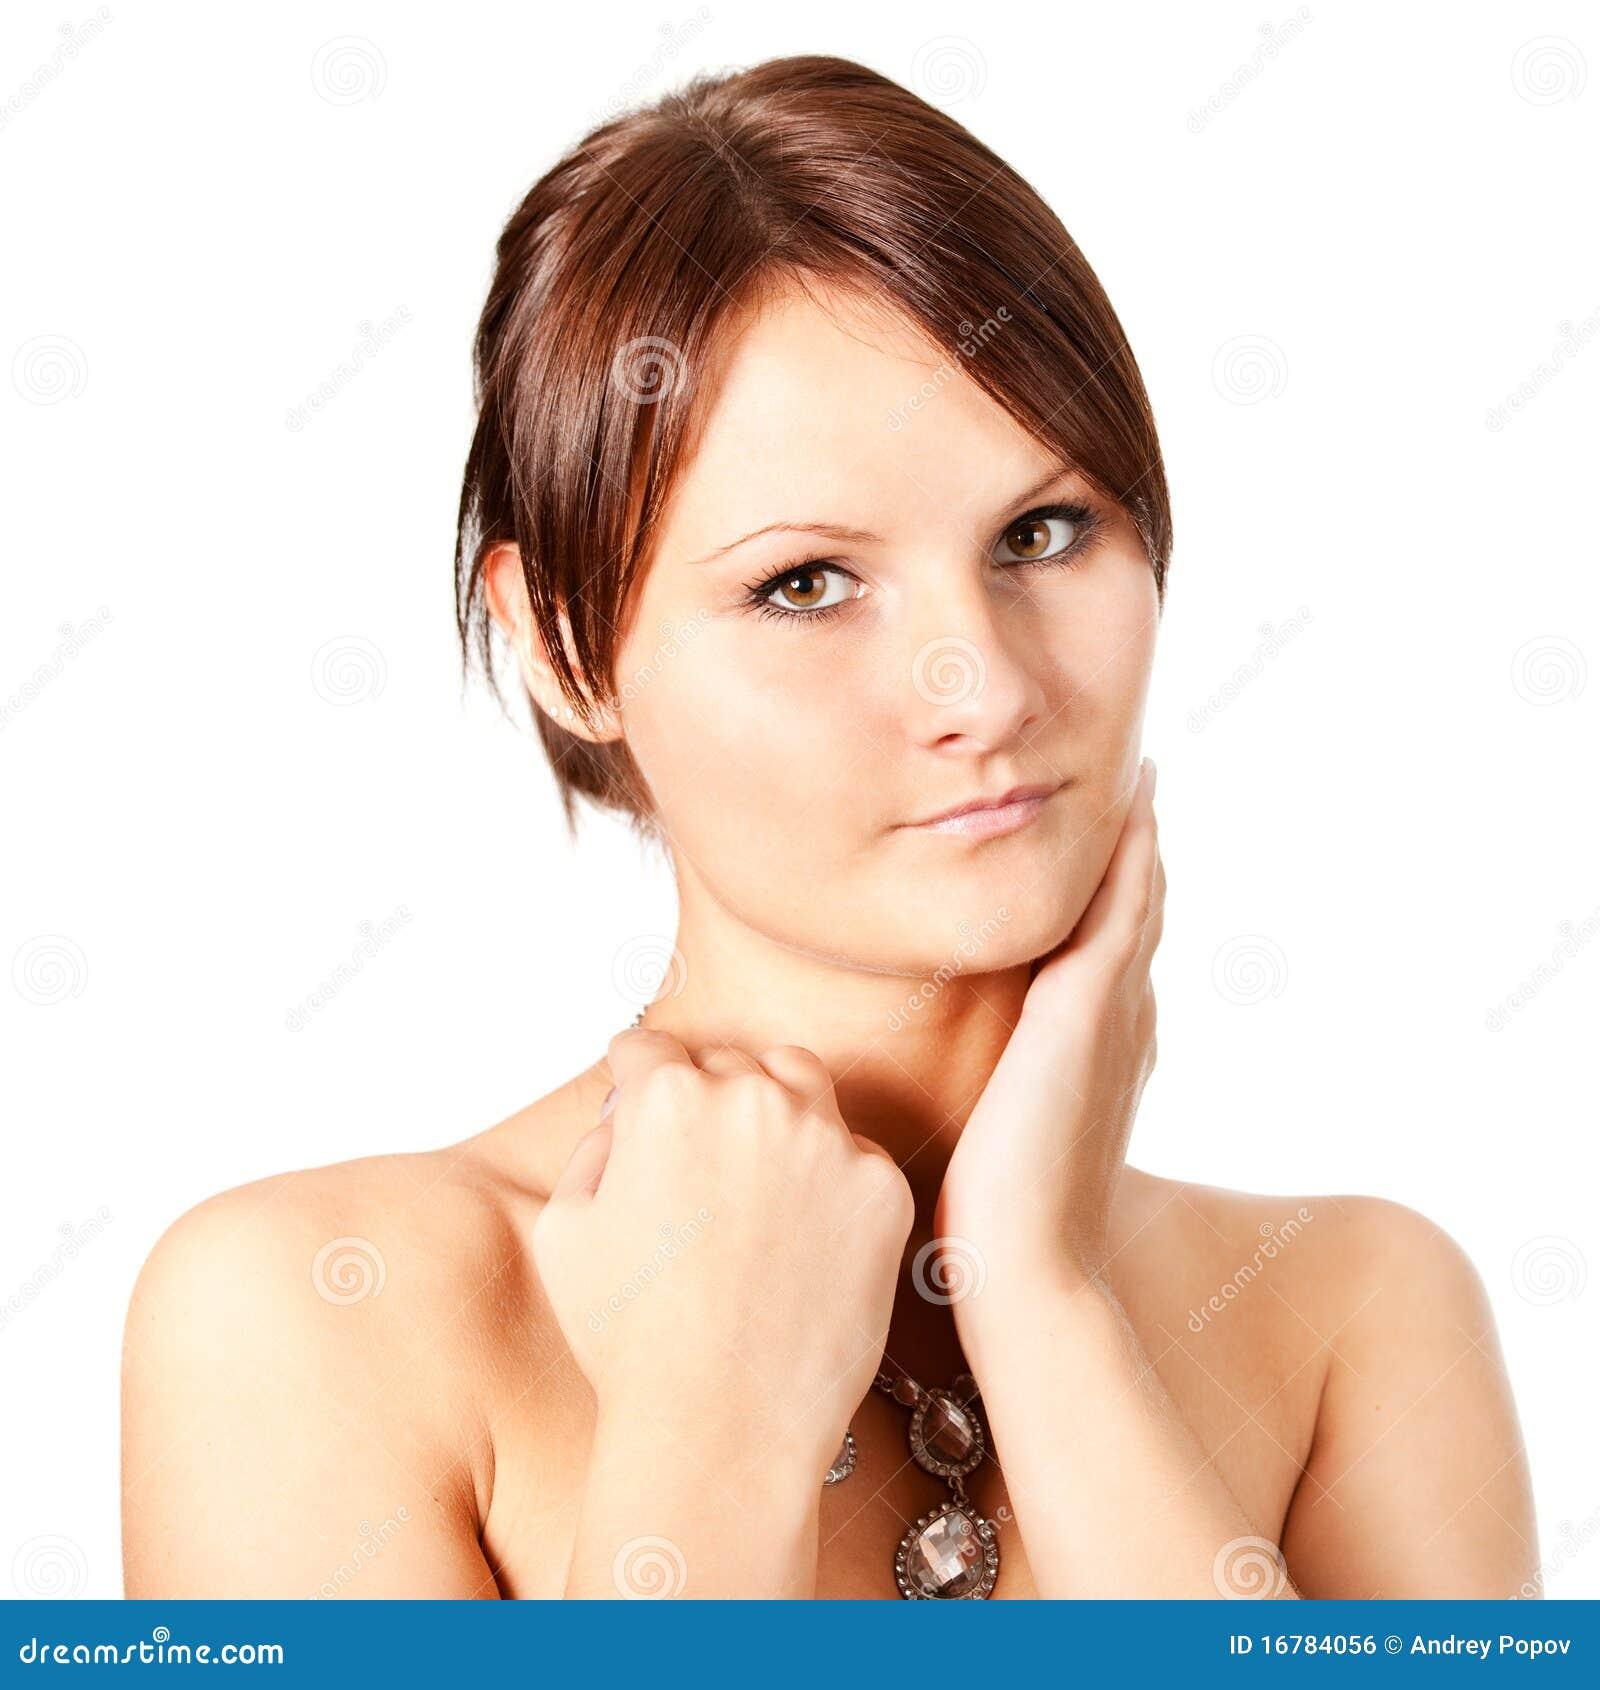 Traumhaft Schone Frau Photography: Natürliche Schöne Frauen Stockfoto. Bild Von Verfassung